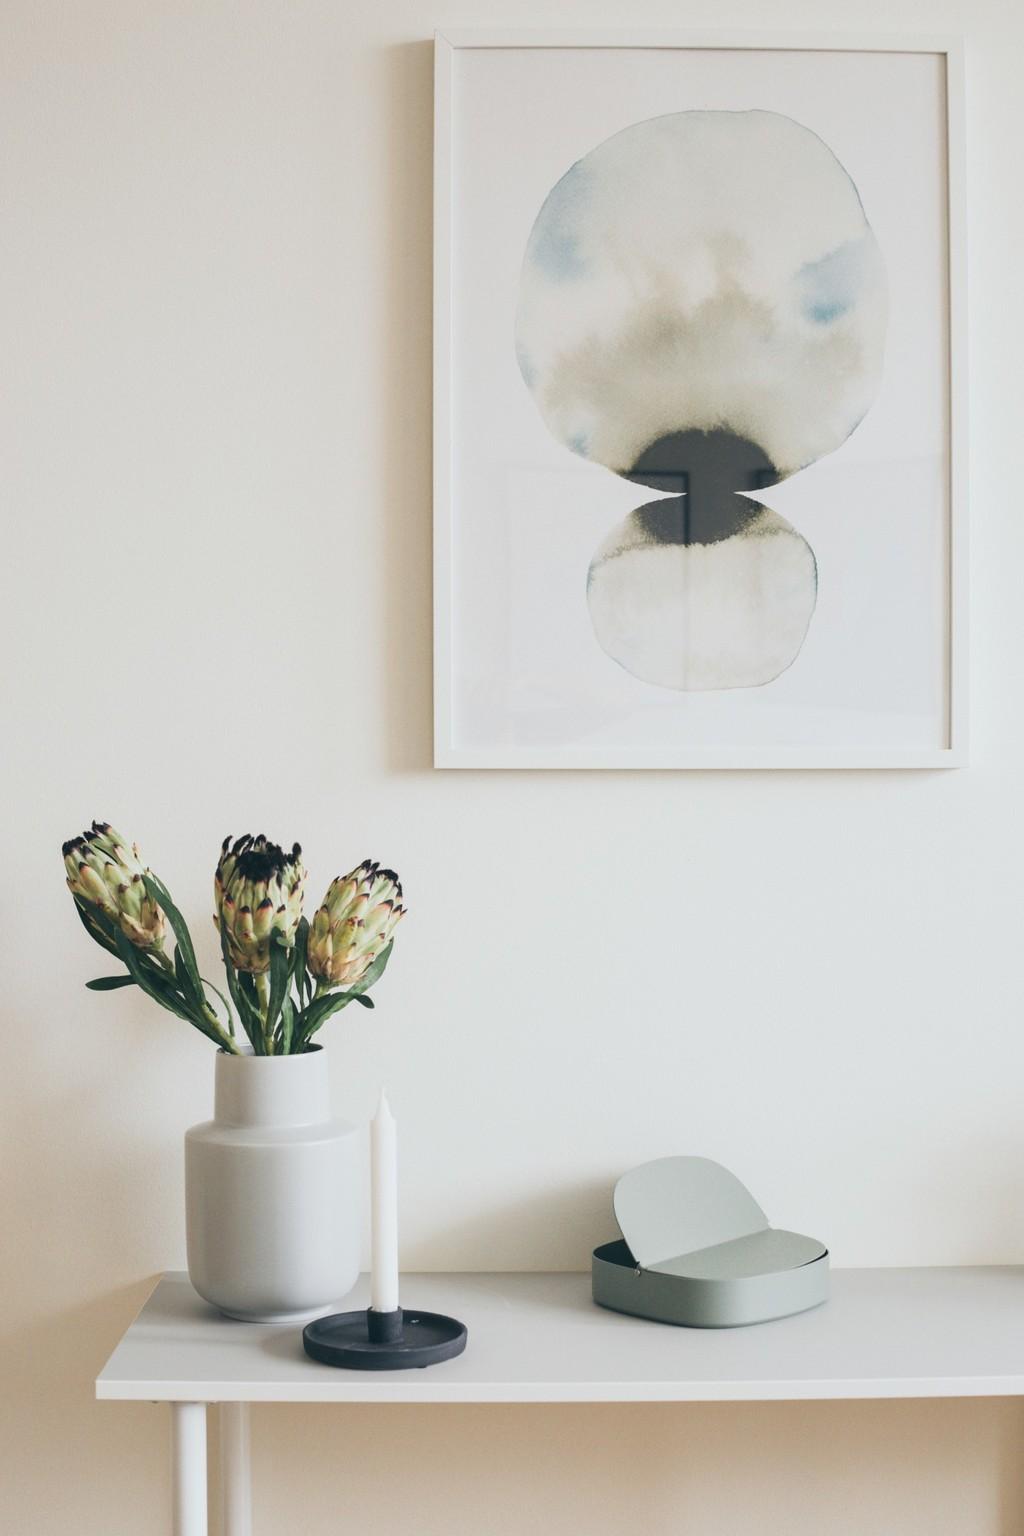 vitt sideboard med vit vas och ljusgrön ask